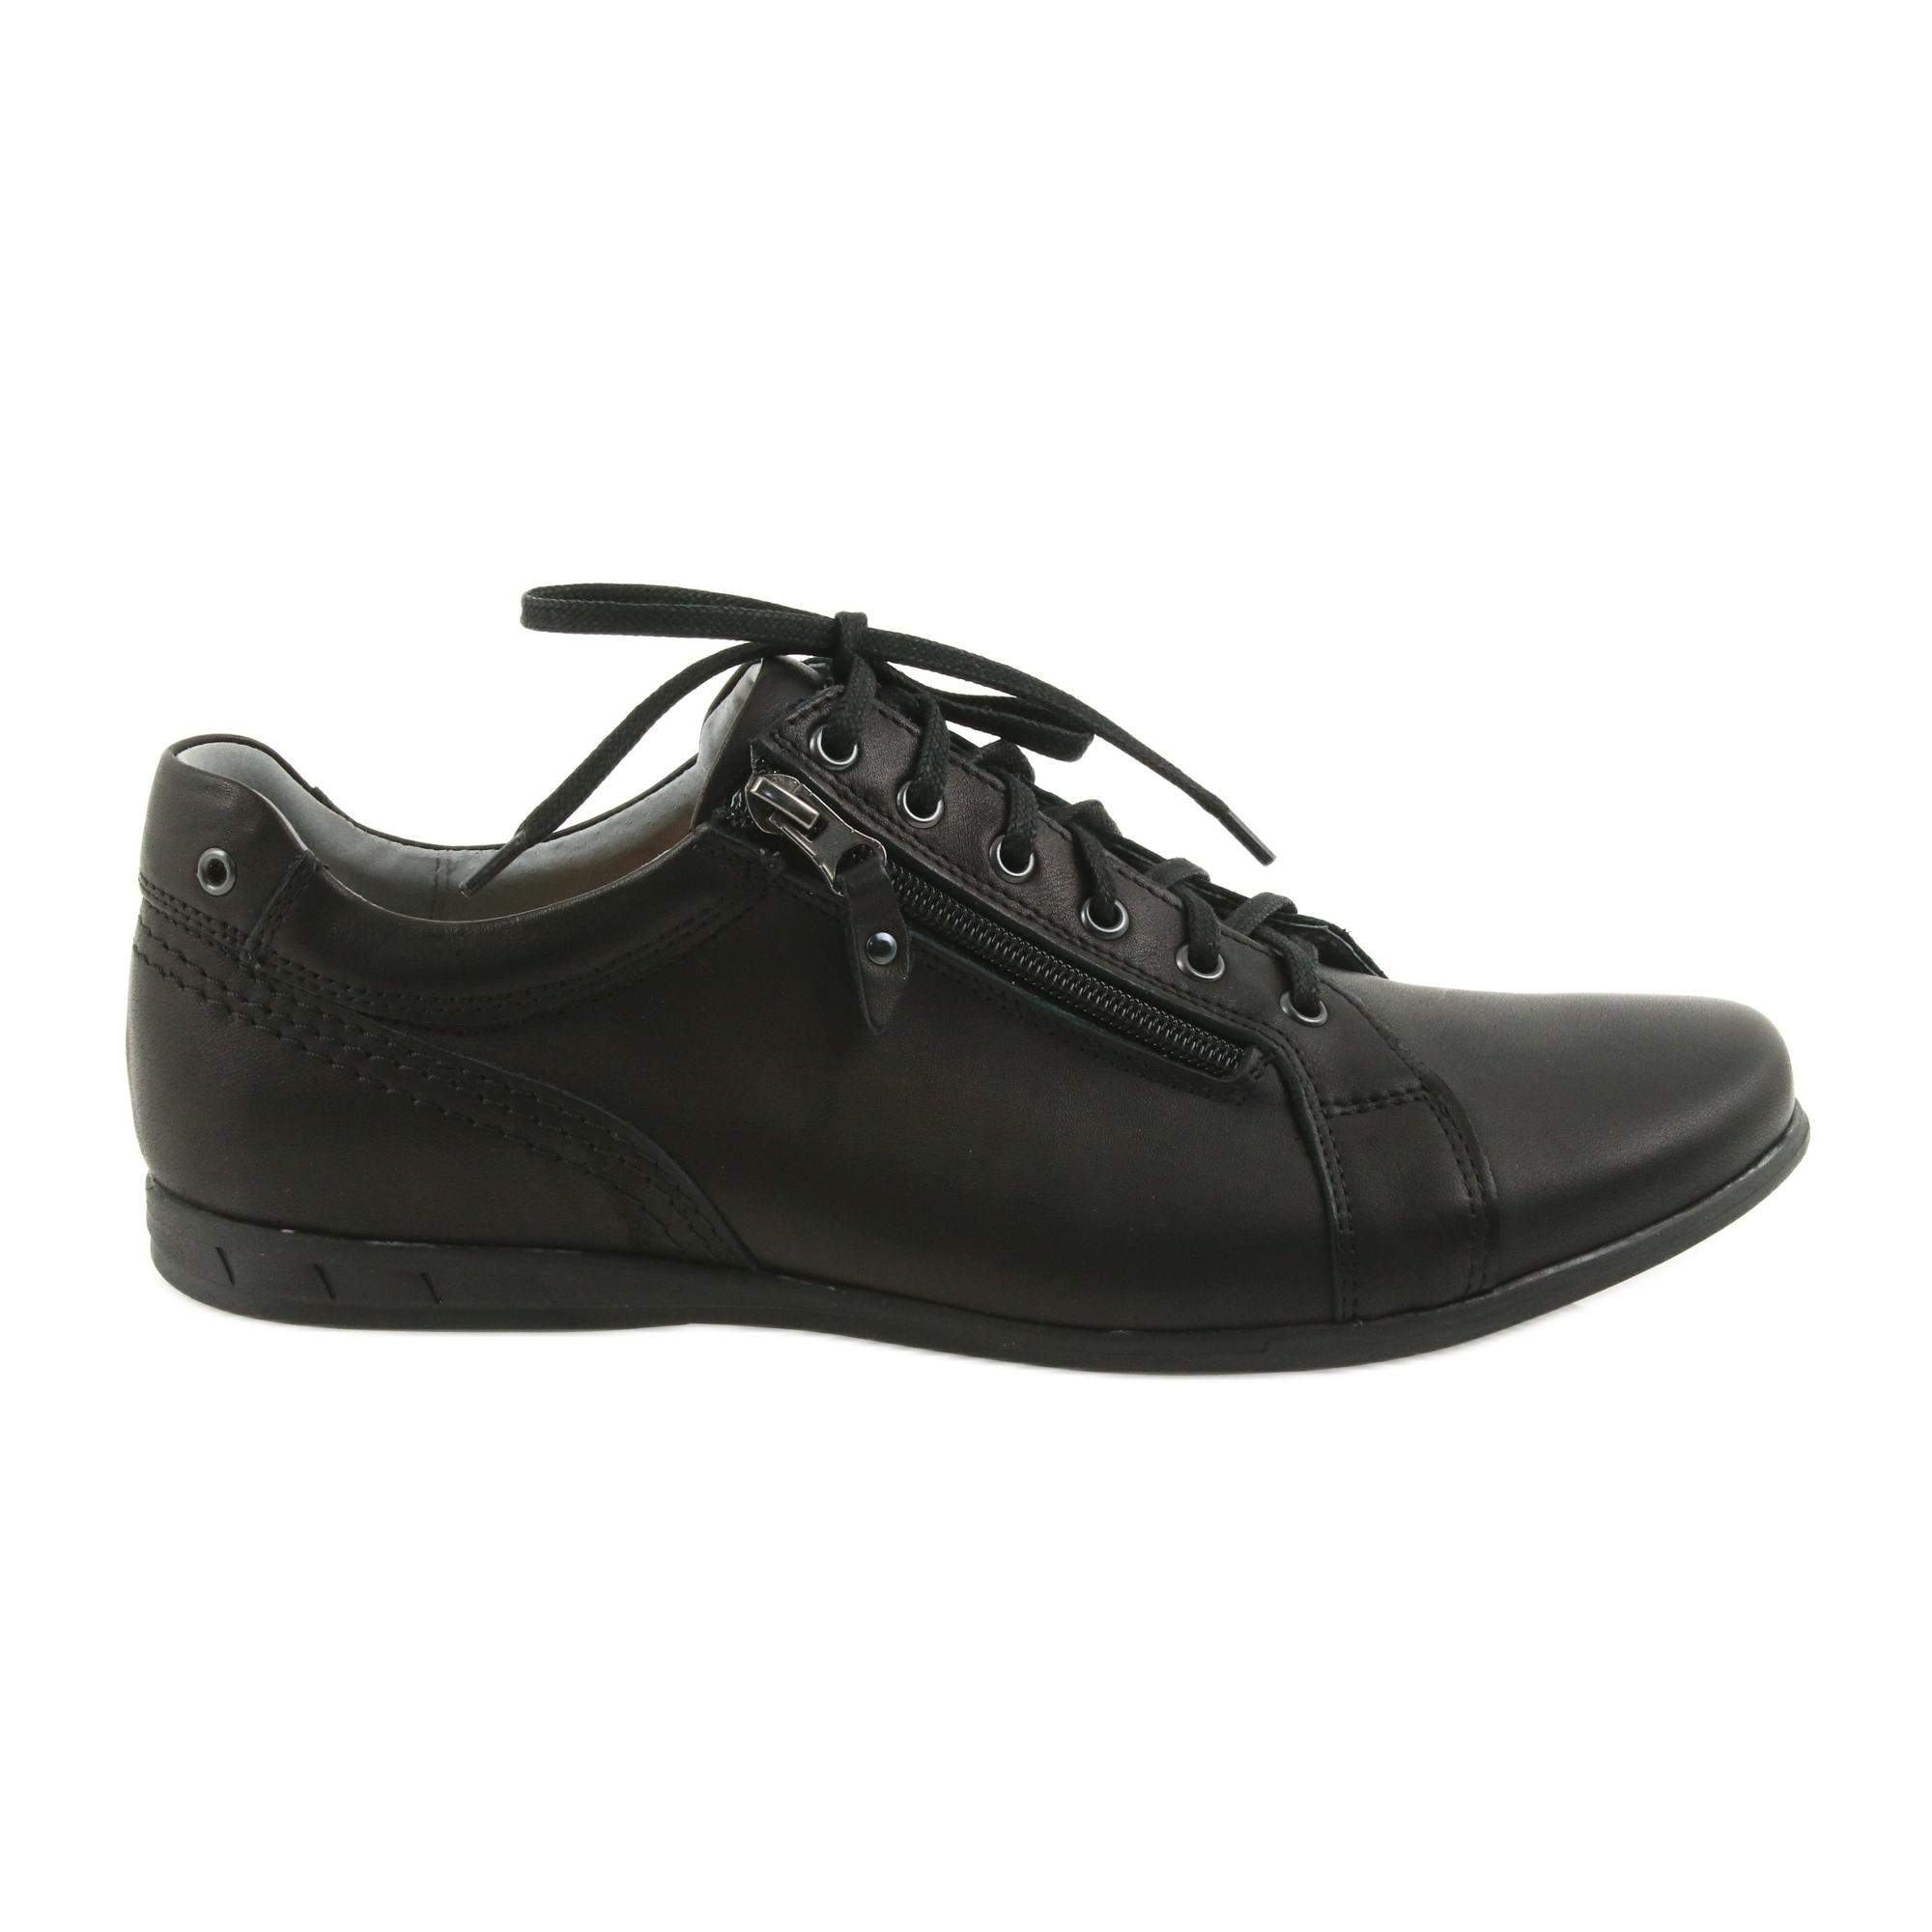 Riko férfi alkalmi cipő 828 fekete ButyModne.pl